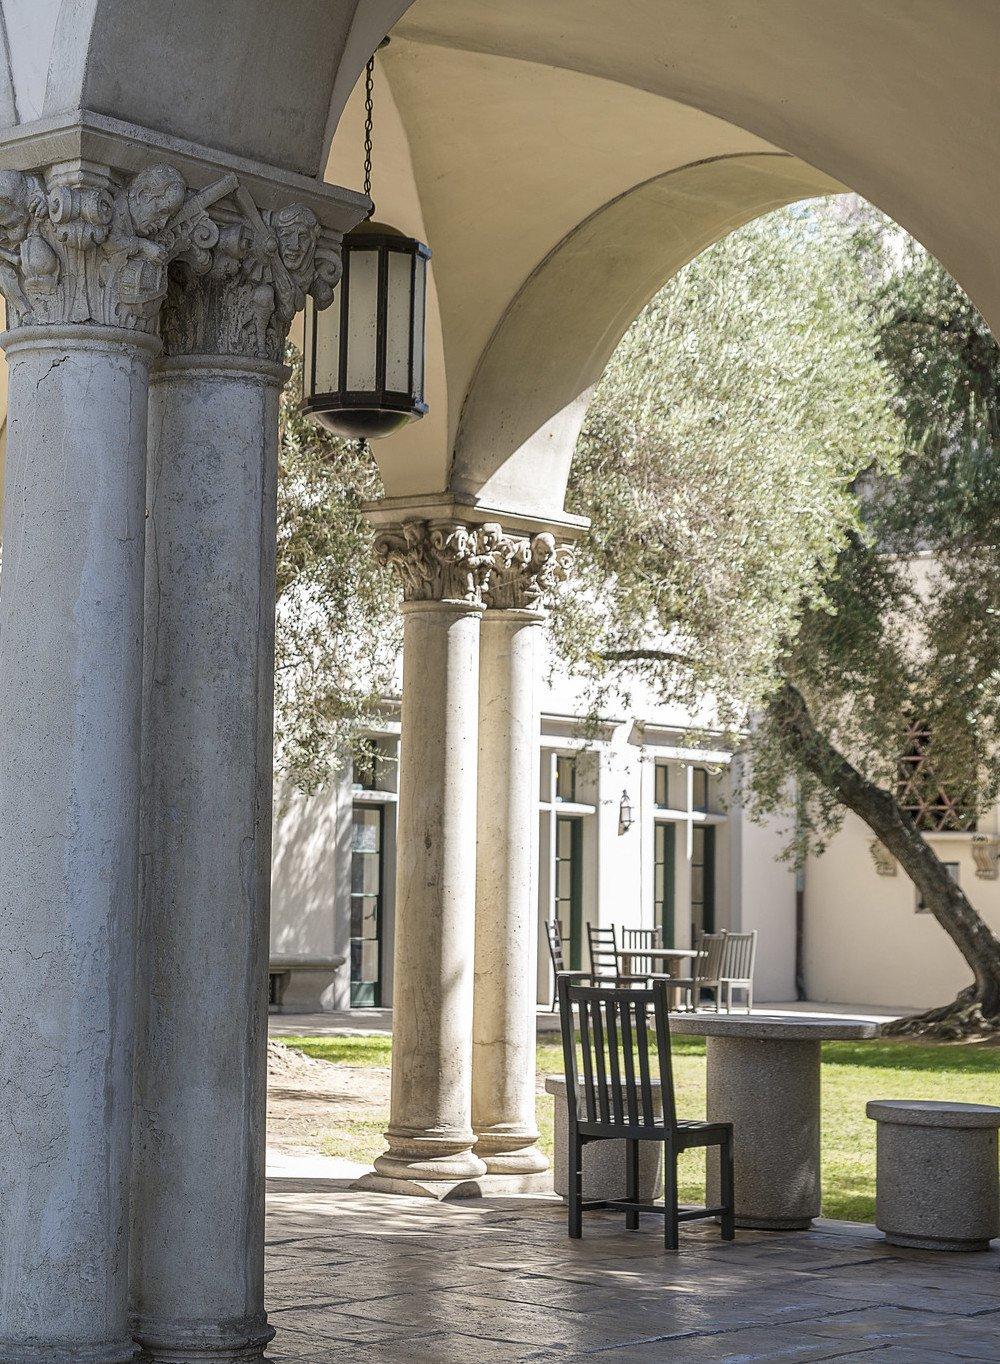 Caltech arcade